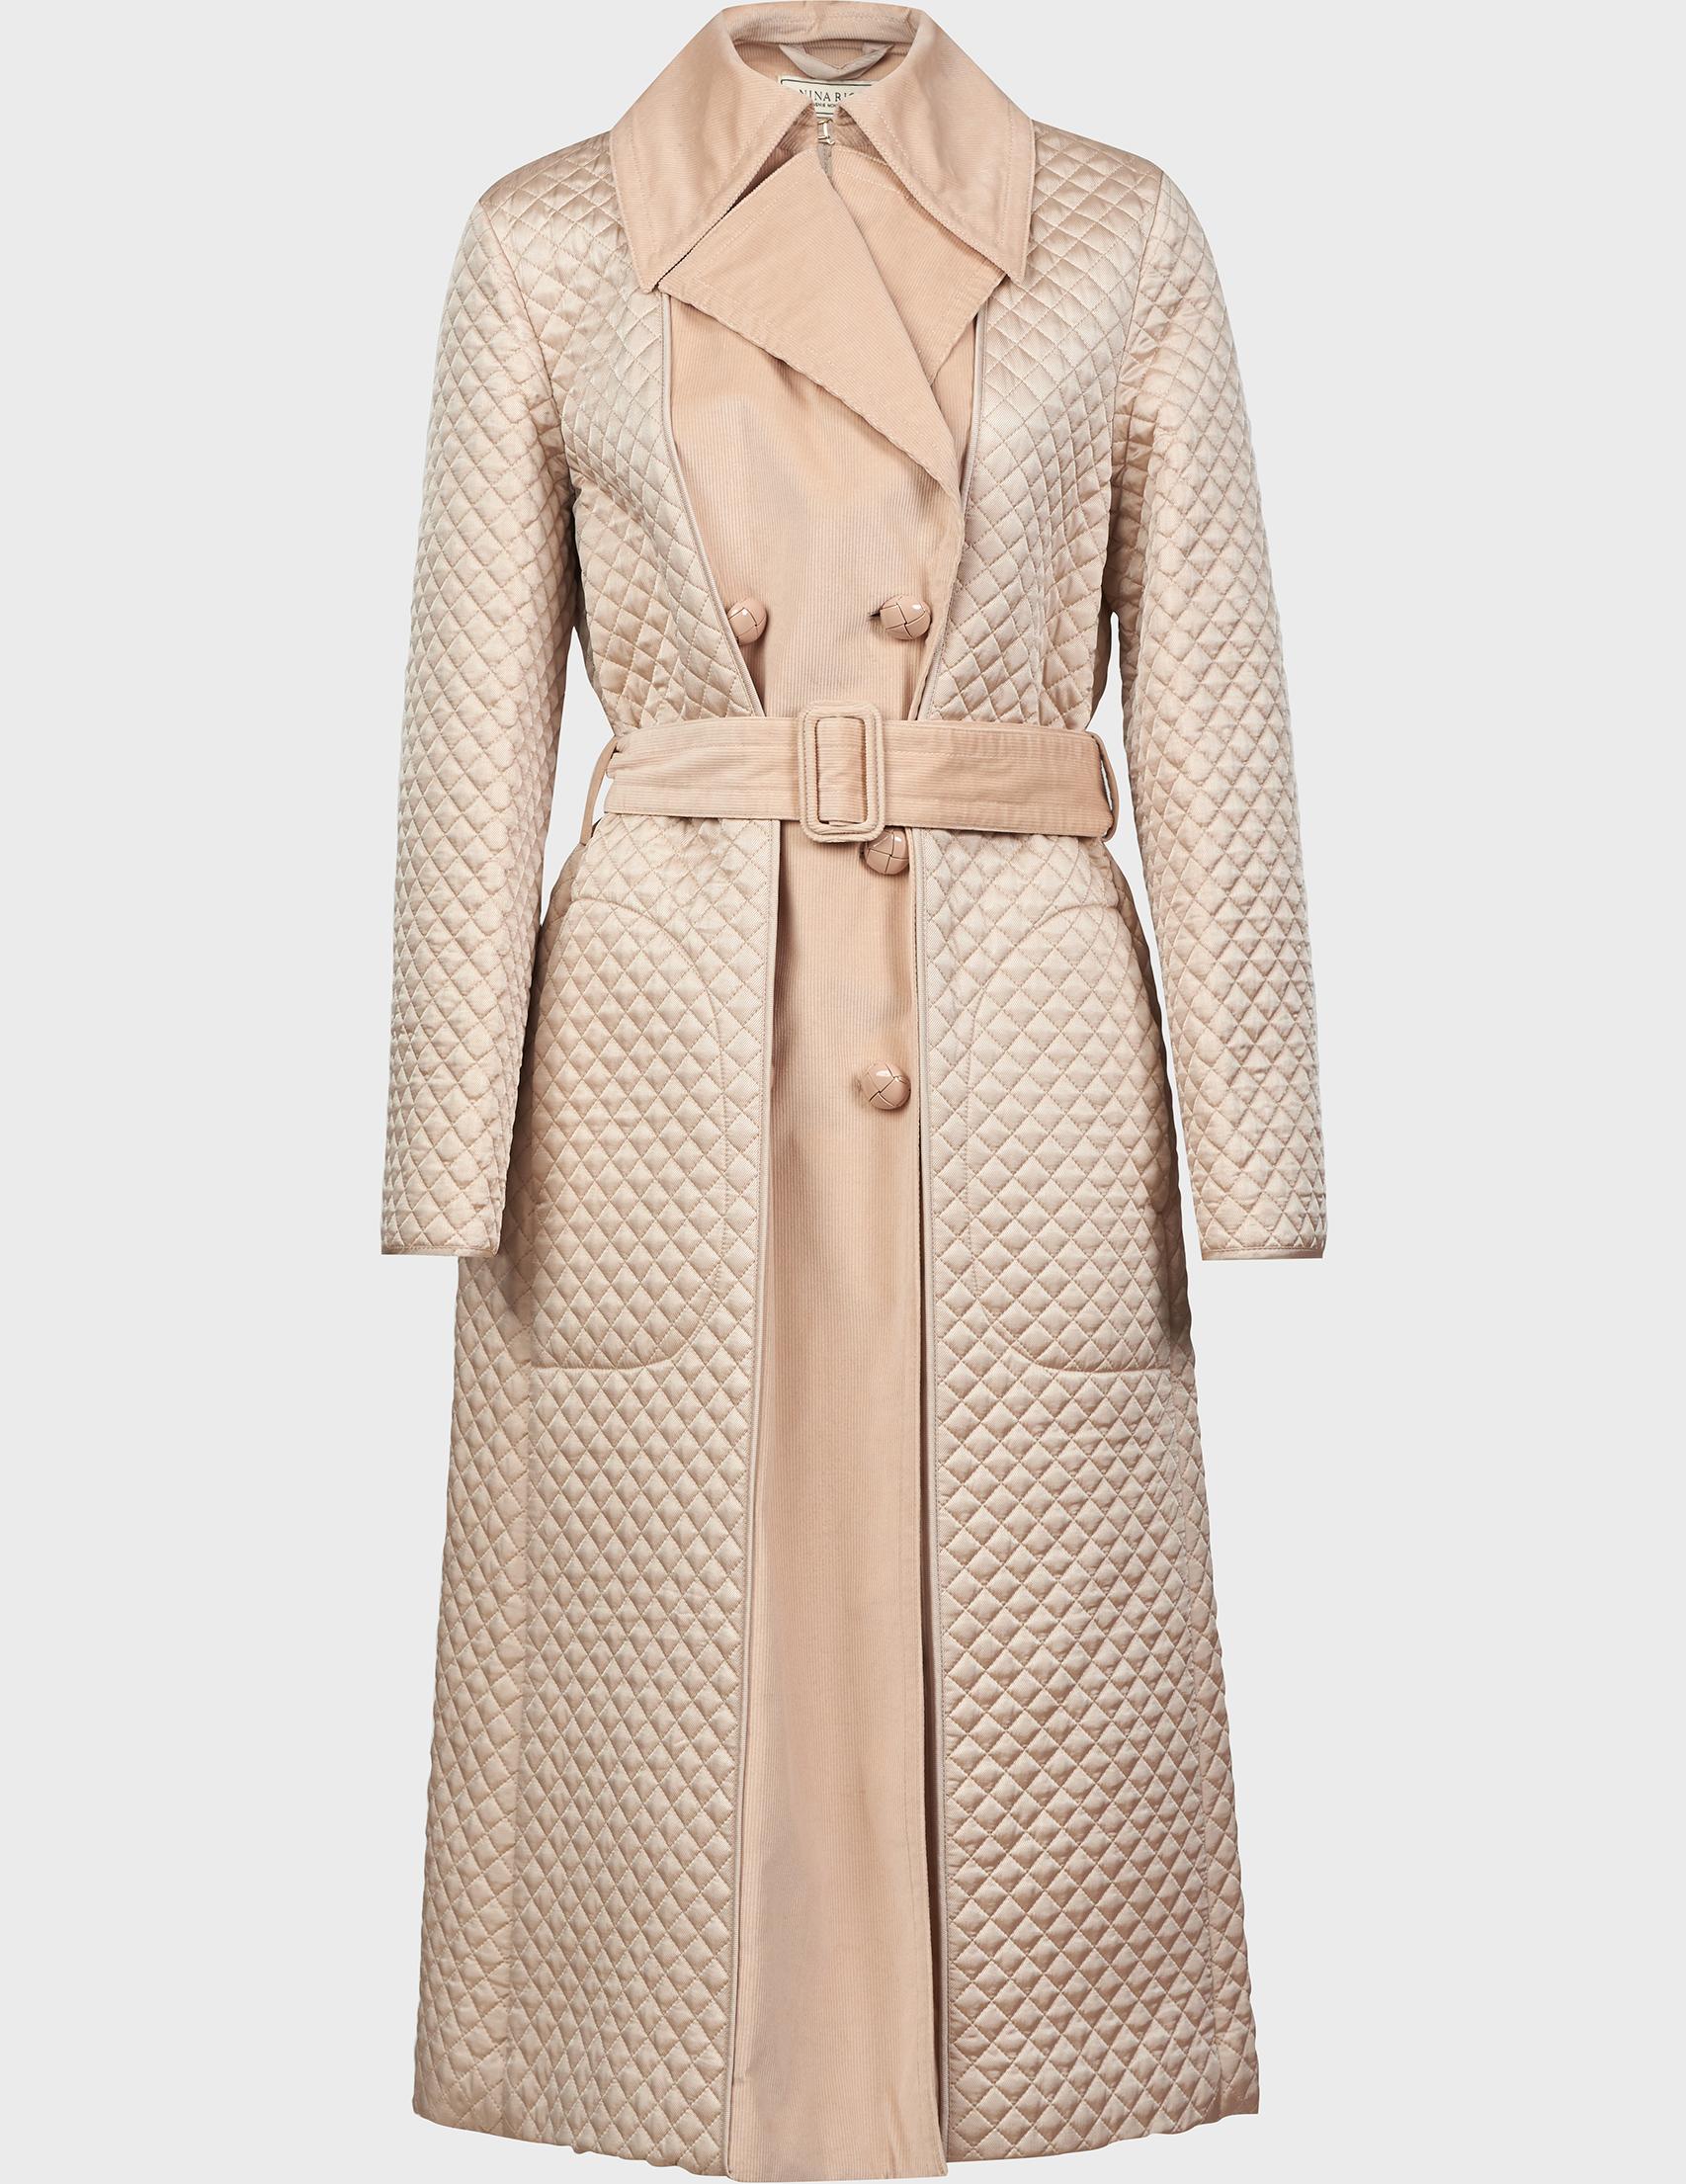 Купить Пальто, NINA RICCI, Бежевый, 98%Хлопок 2%Эластан, Осень-Зима